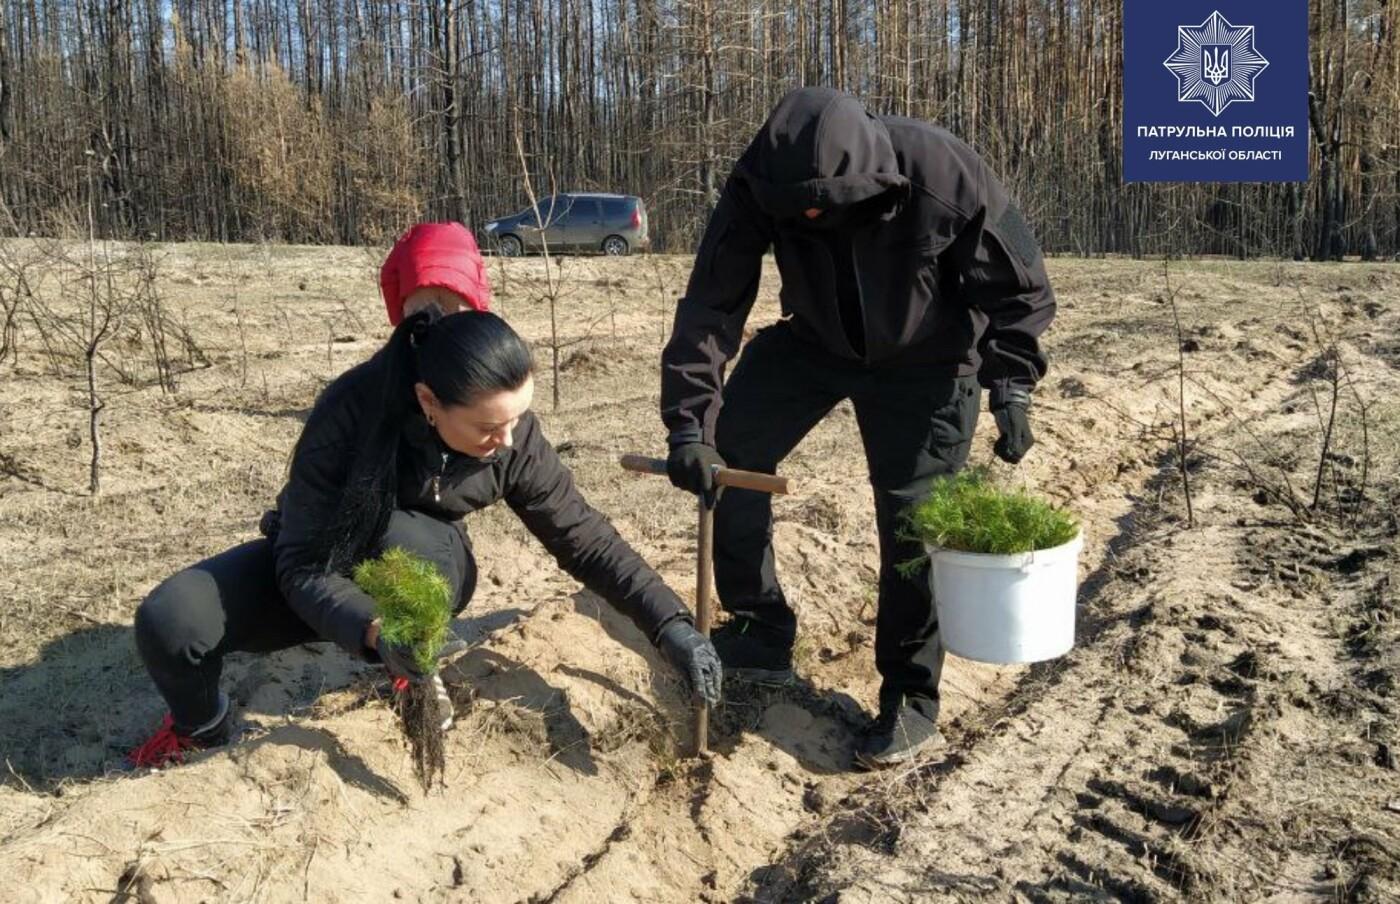 Озеленение Луганщины: более 20 тысяч саженцев сосны высадили активисты , фото-1